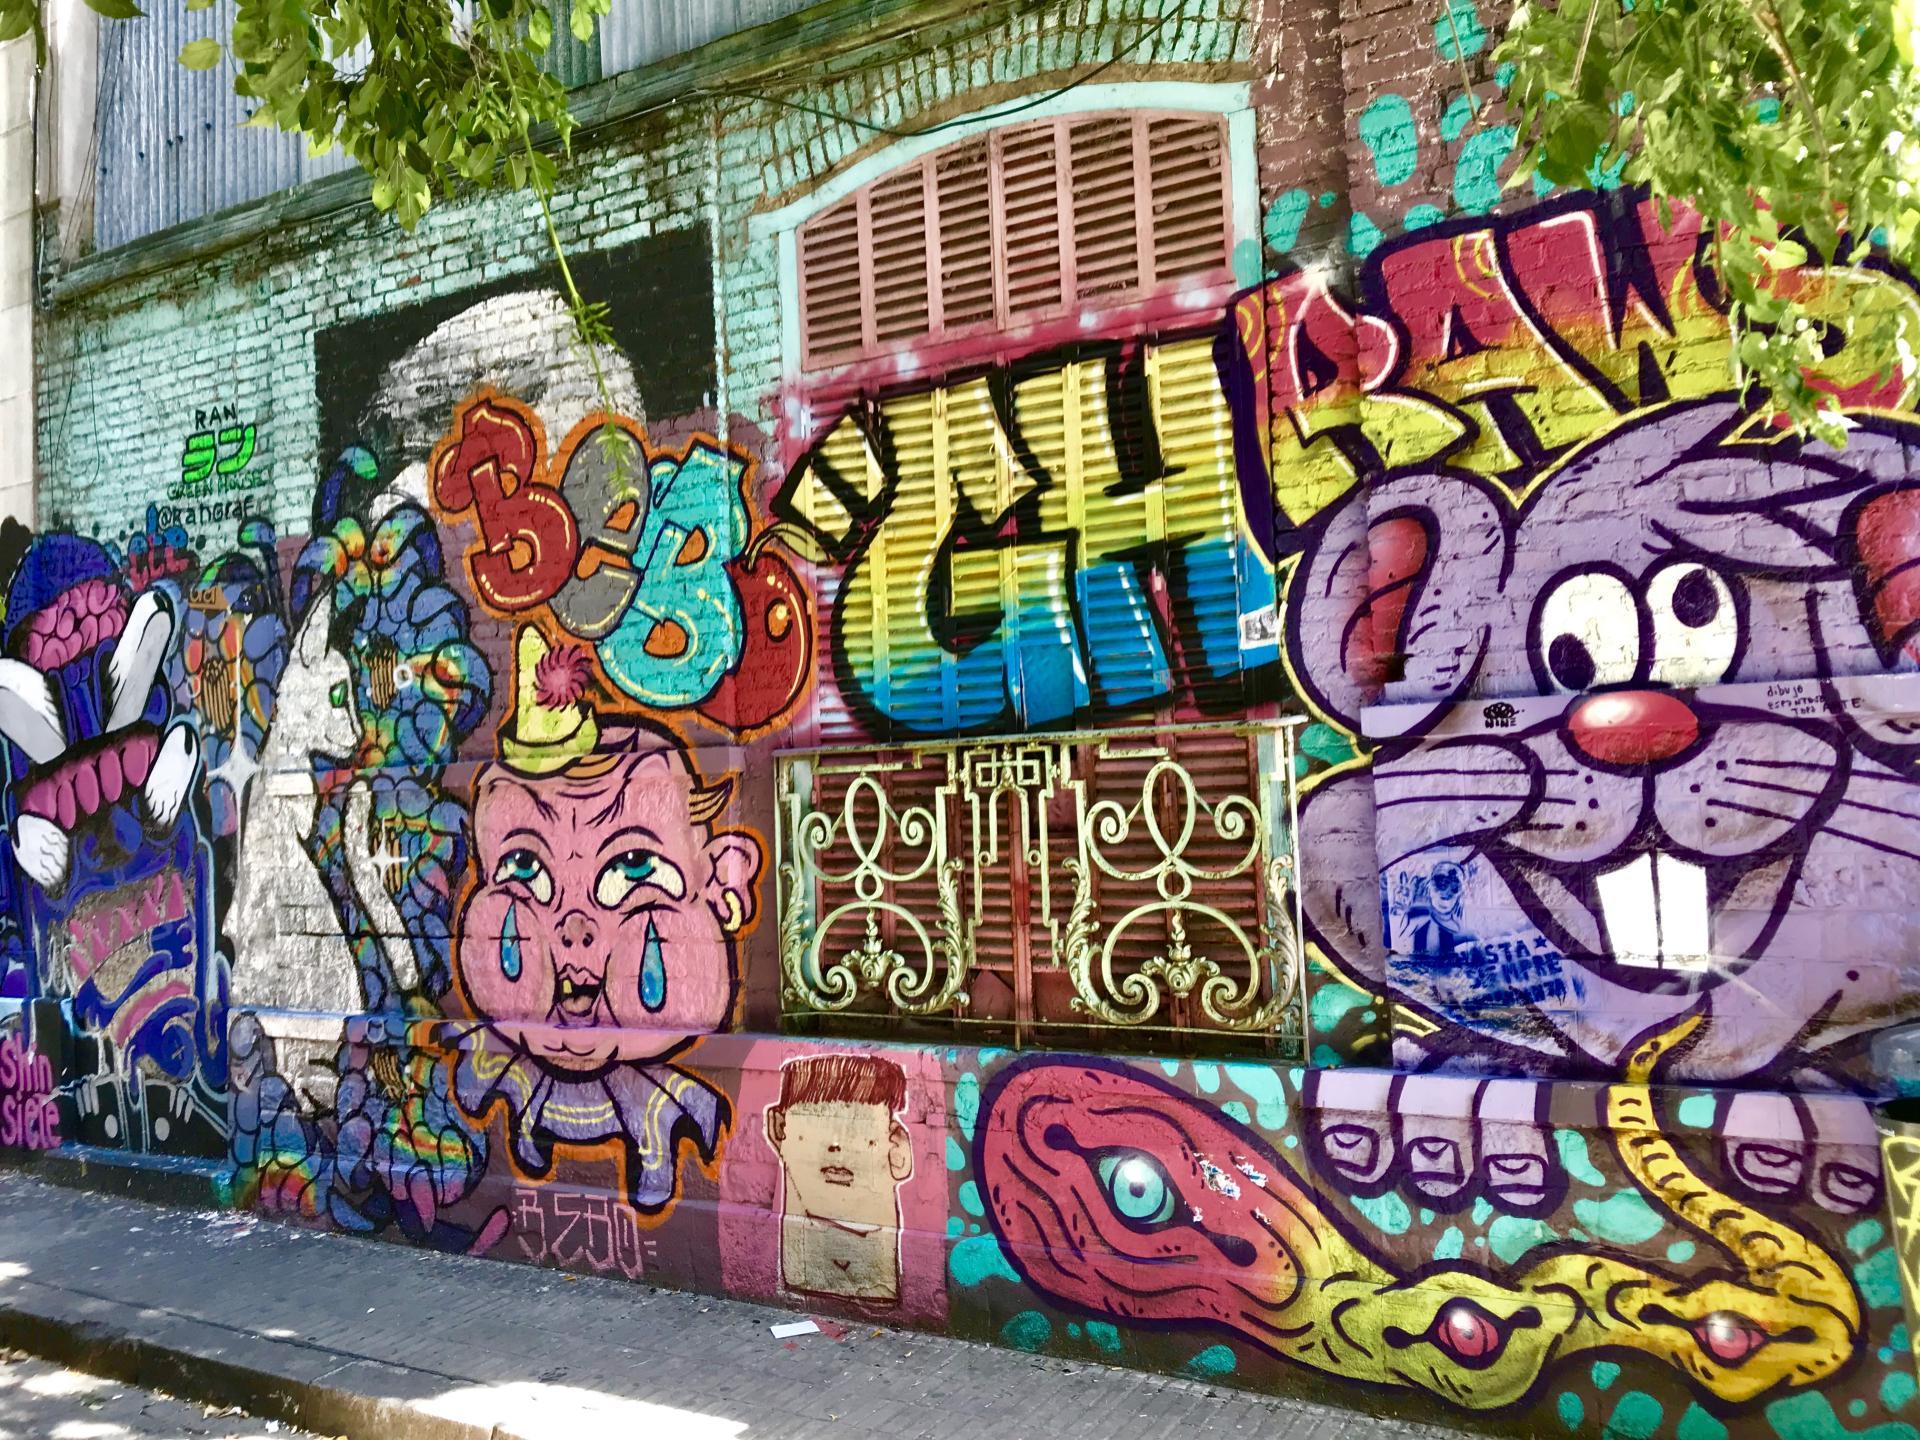 Street Art Buenos Aires, Argentine